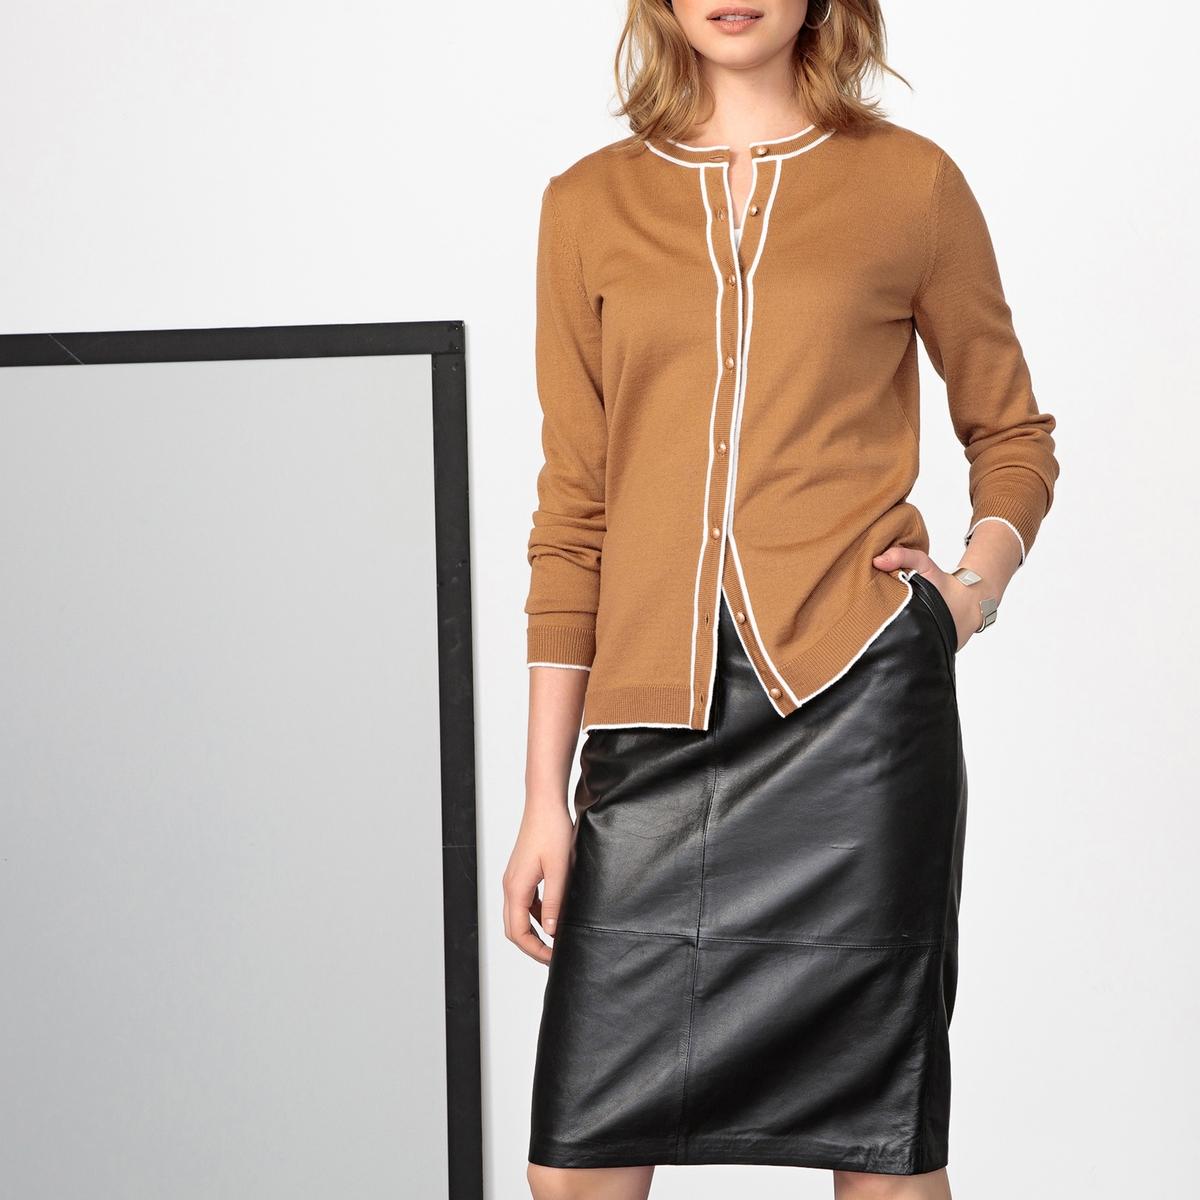 Imagen secundaria de producto de Cárdigan 50% lana merina con cuello redondo, abotonada - Anne weyburn